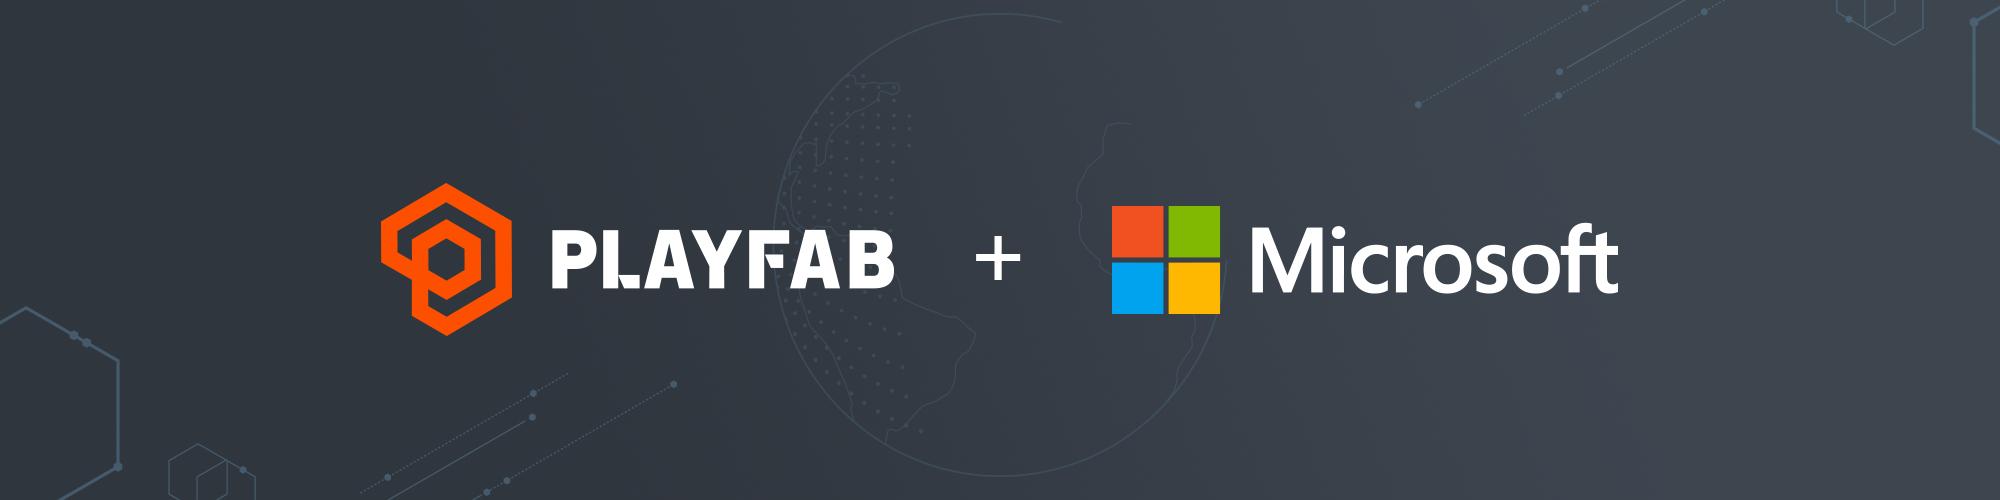 Microsoft Acquires GameFab - http://www.ign.com/articles/2018/01/29/microsoft-acquires-cloud-based-gaming-company-playfab?